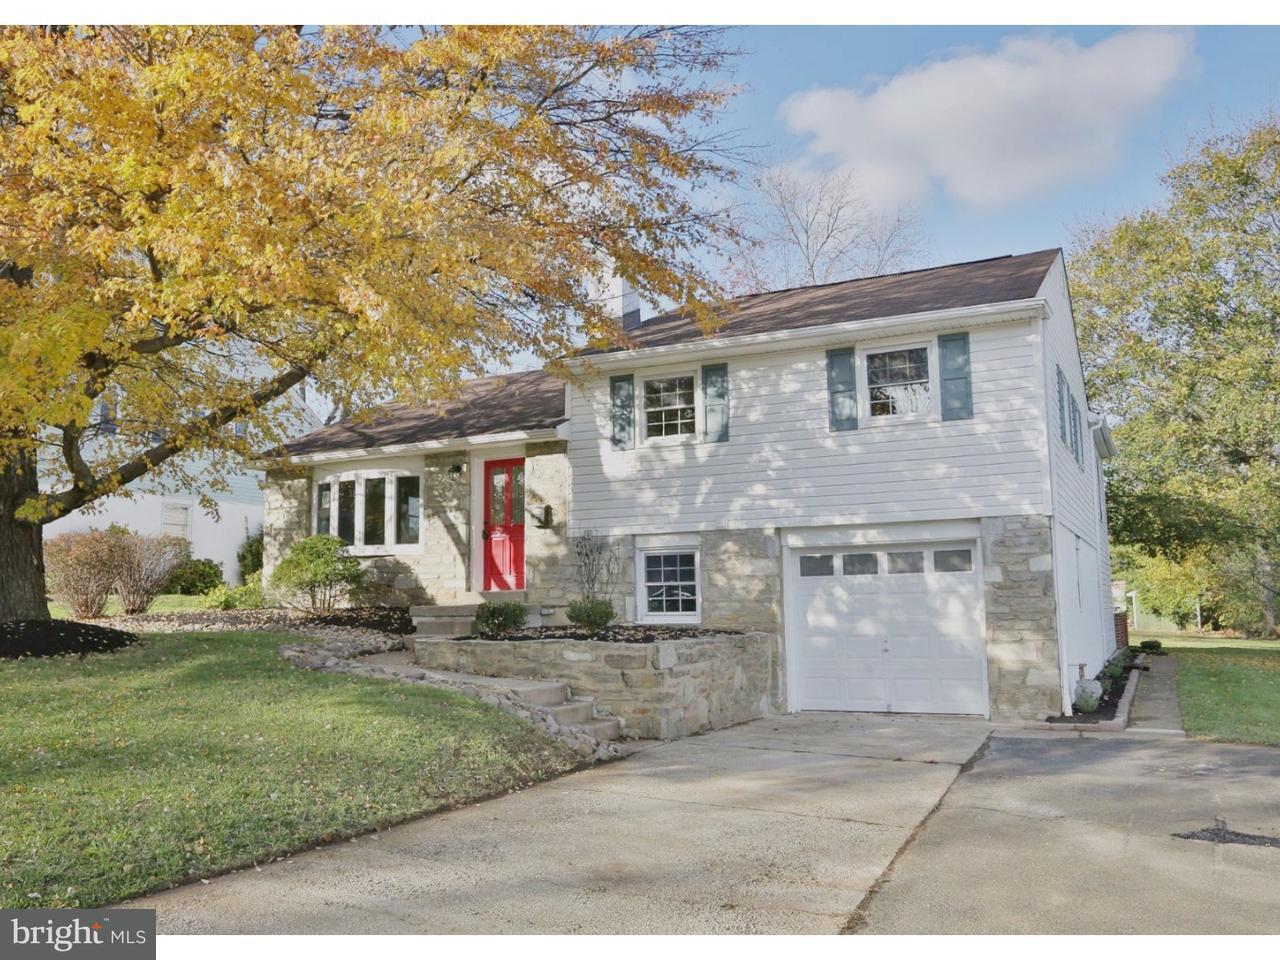 Частный односемейный дом для того Продажа на 9 EASTVIEW Drive Glenside, Пенсильвания 19038 Соединенные Штаты